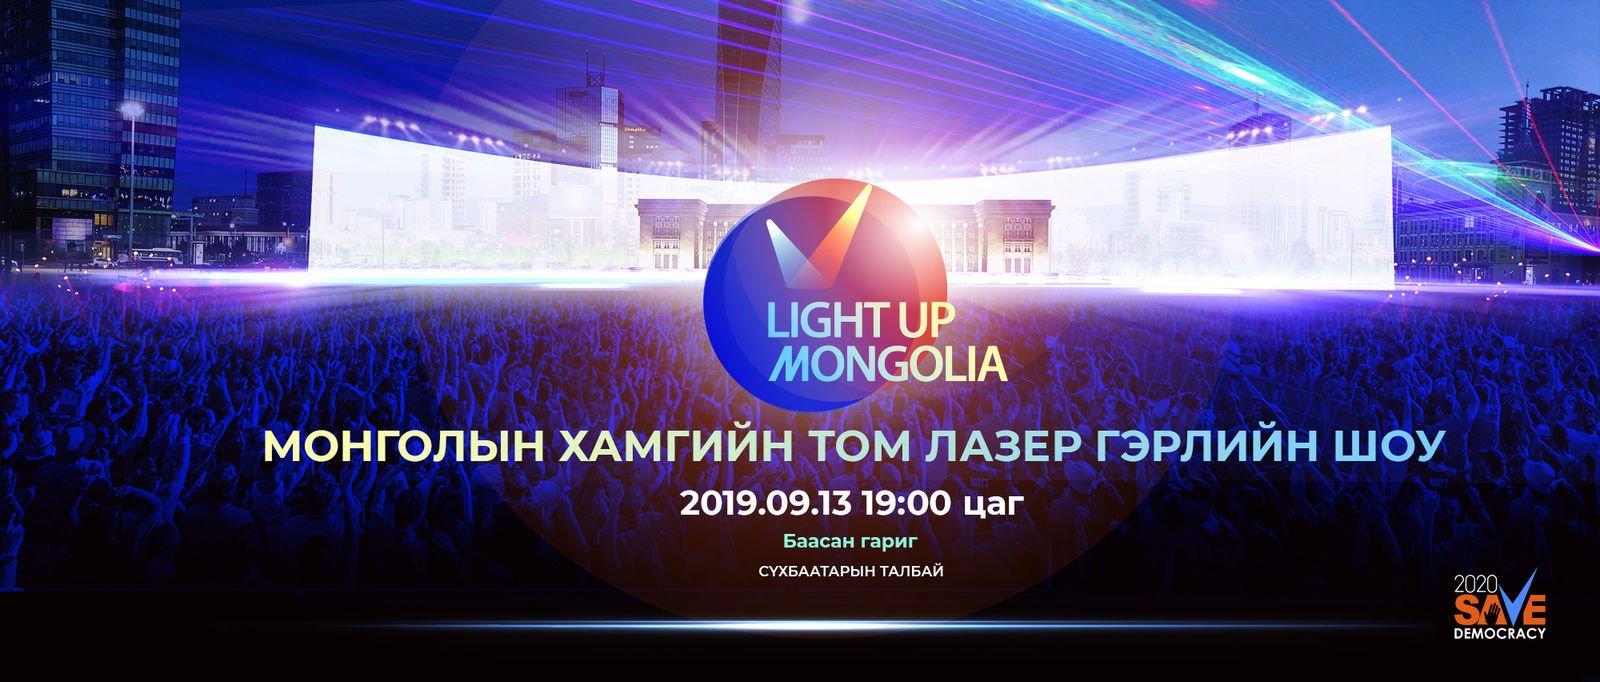 Монголын хамгийн том лазер гэрлийн шоу энэ Баасан гарагт Д.Сүхбаатарын талбайд болно